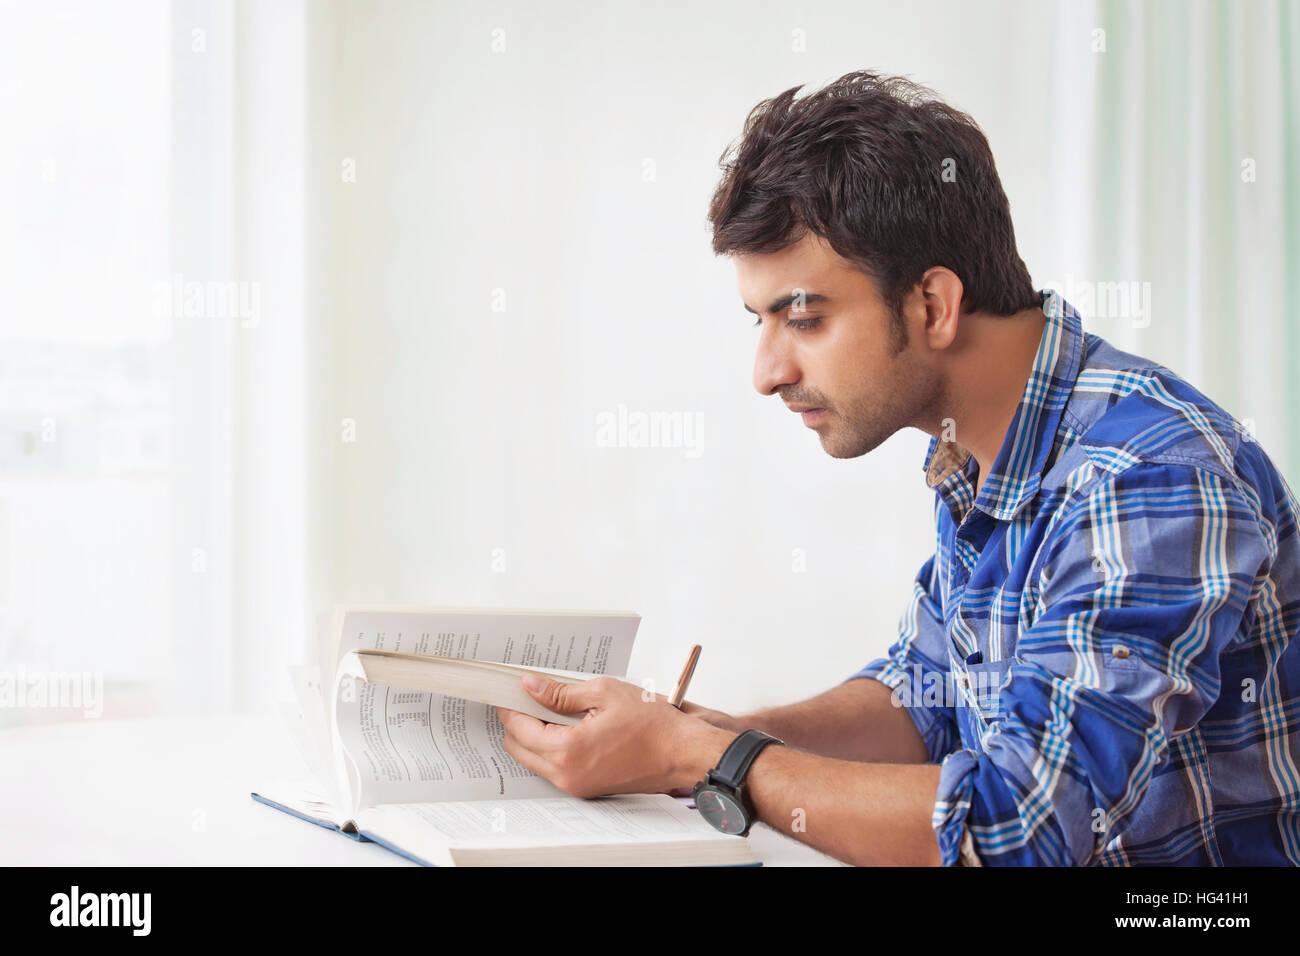 Jeune homme à étudier et prendre des notes Photo Stock